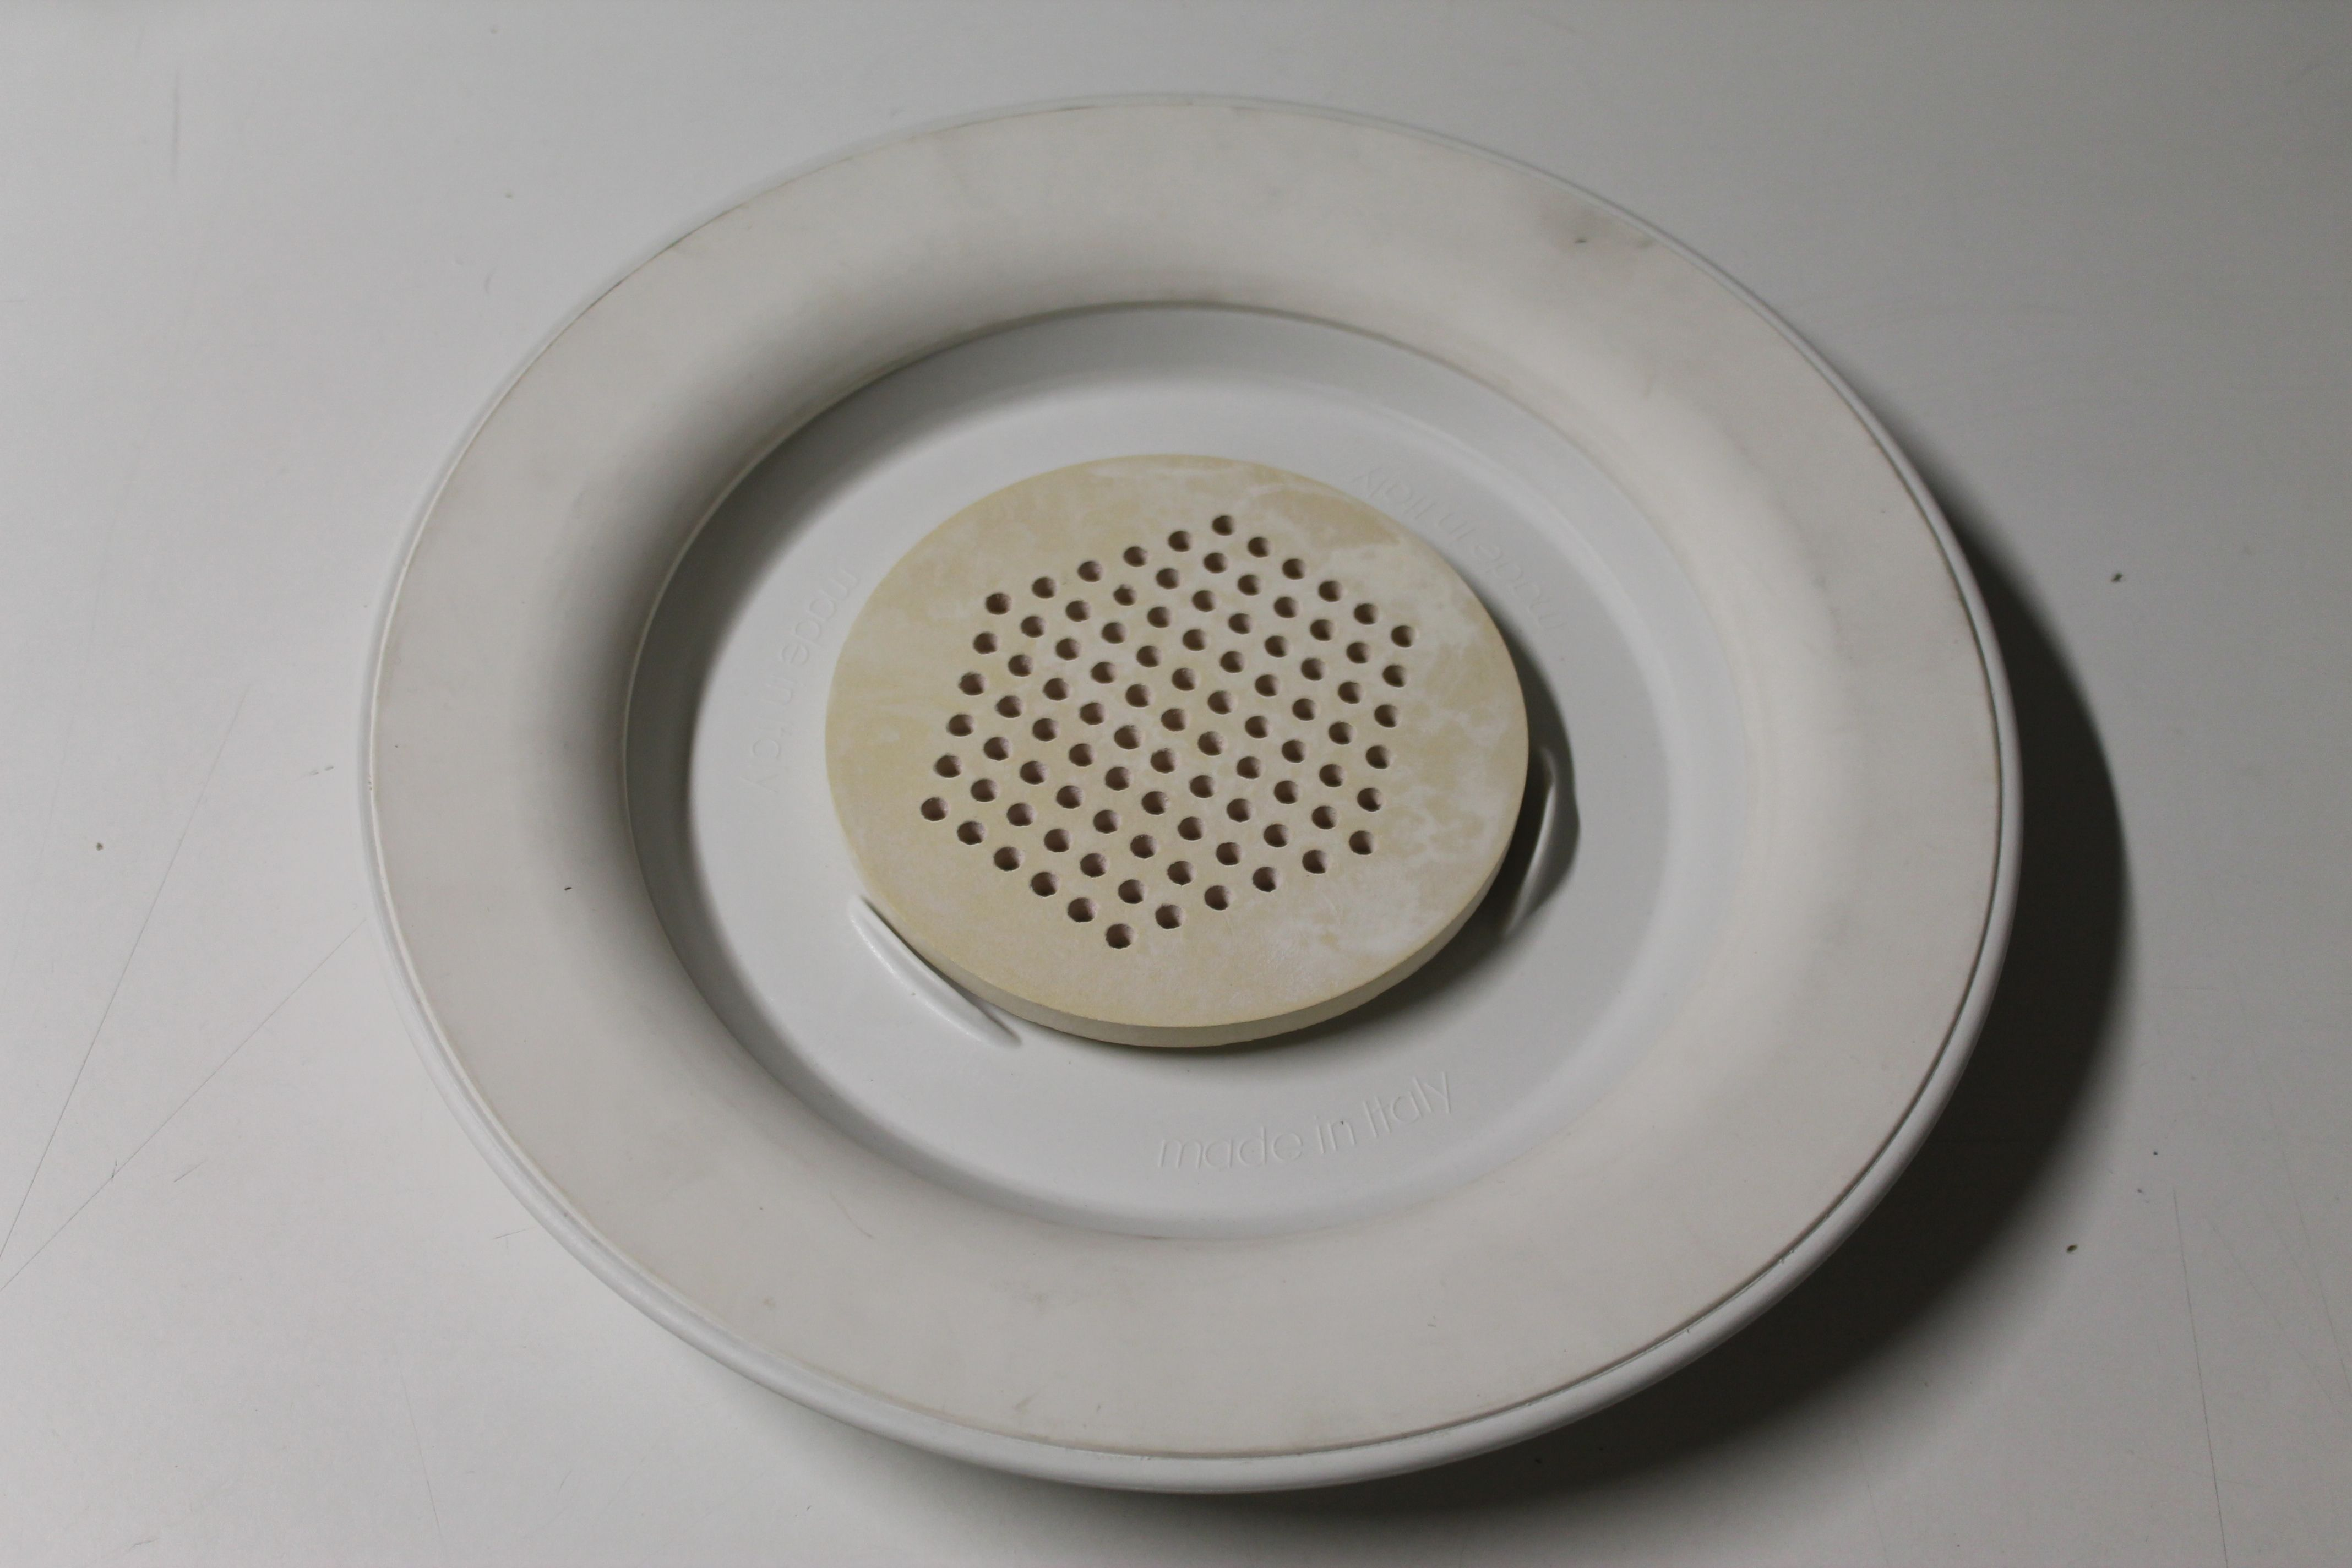 Culinaris Küchenaccessoires ~ Sottopiatto pepita by domital per tenere in caldo gli alimenti